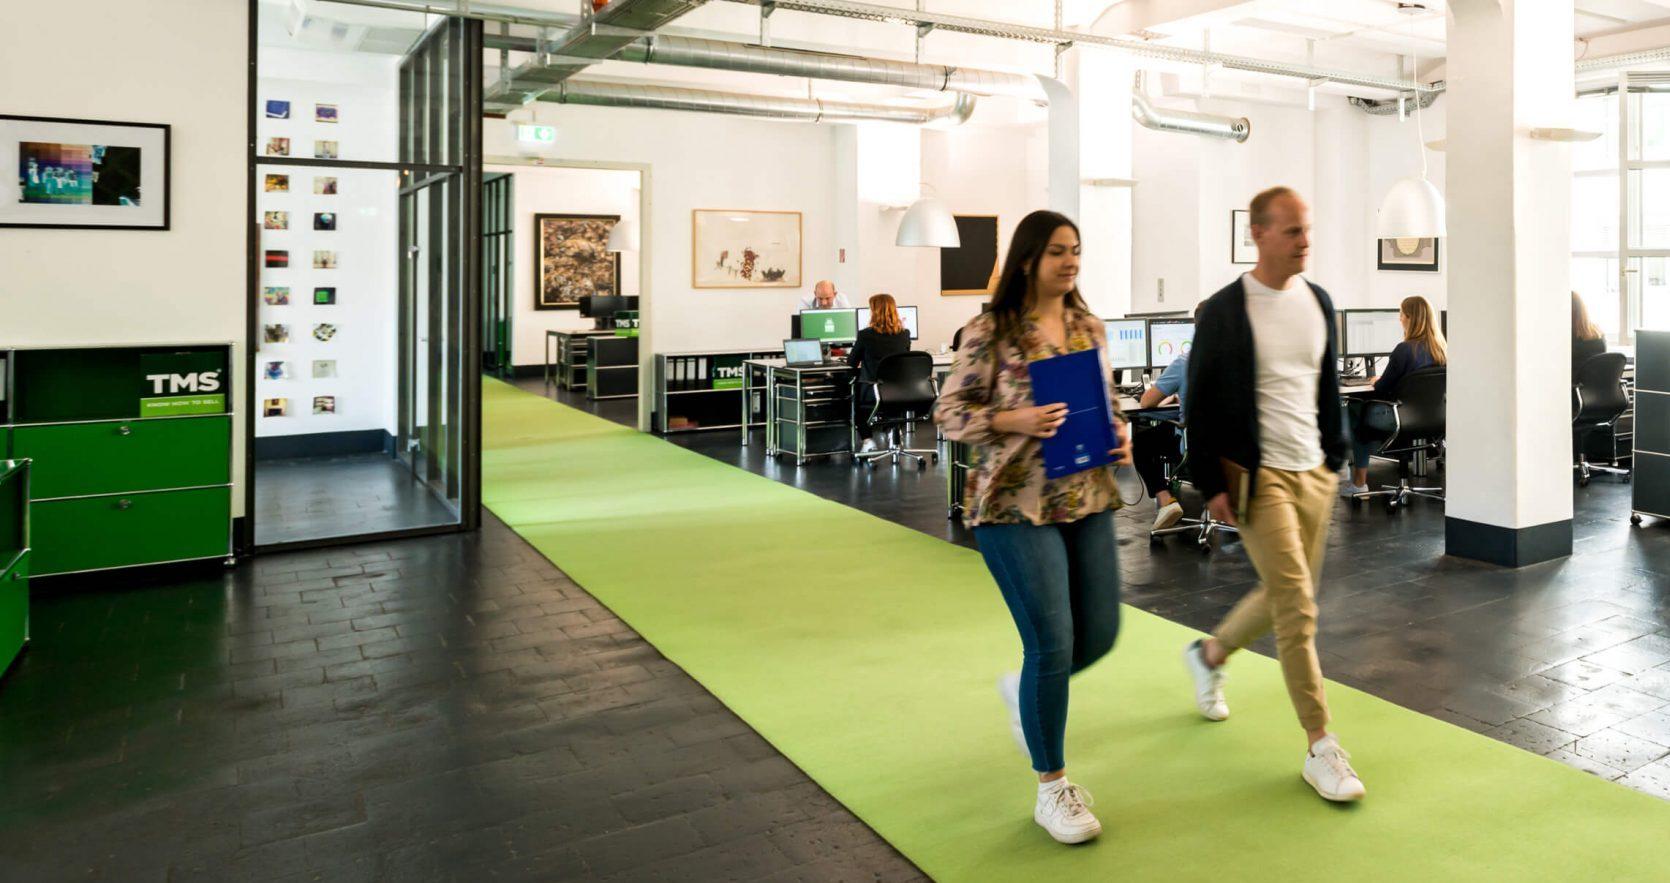 Zwei Mitarbeiter der TMS laufen durch das Büro